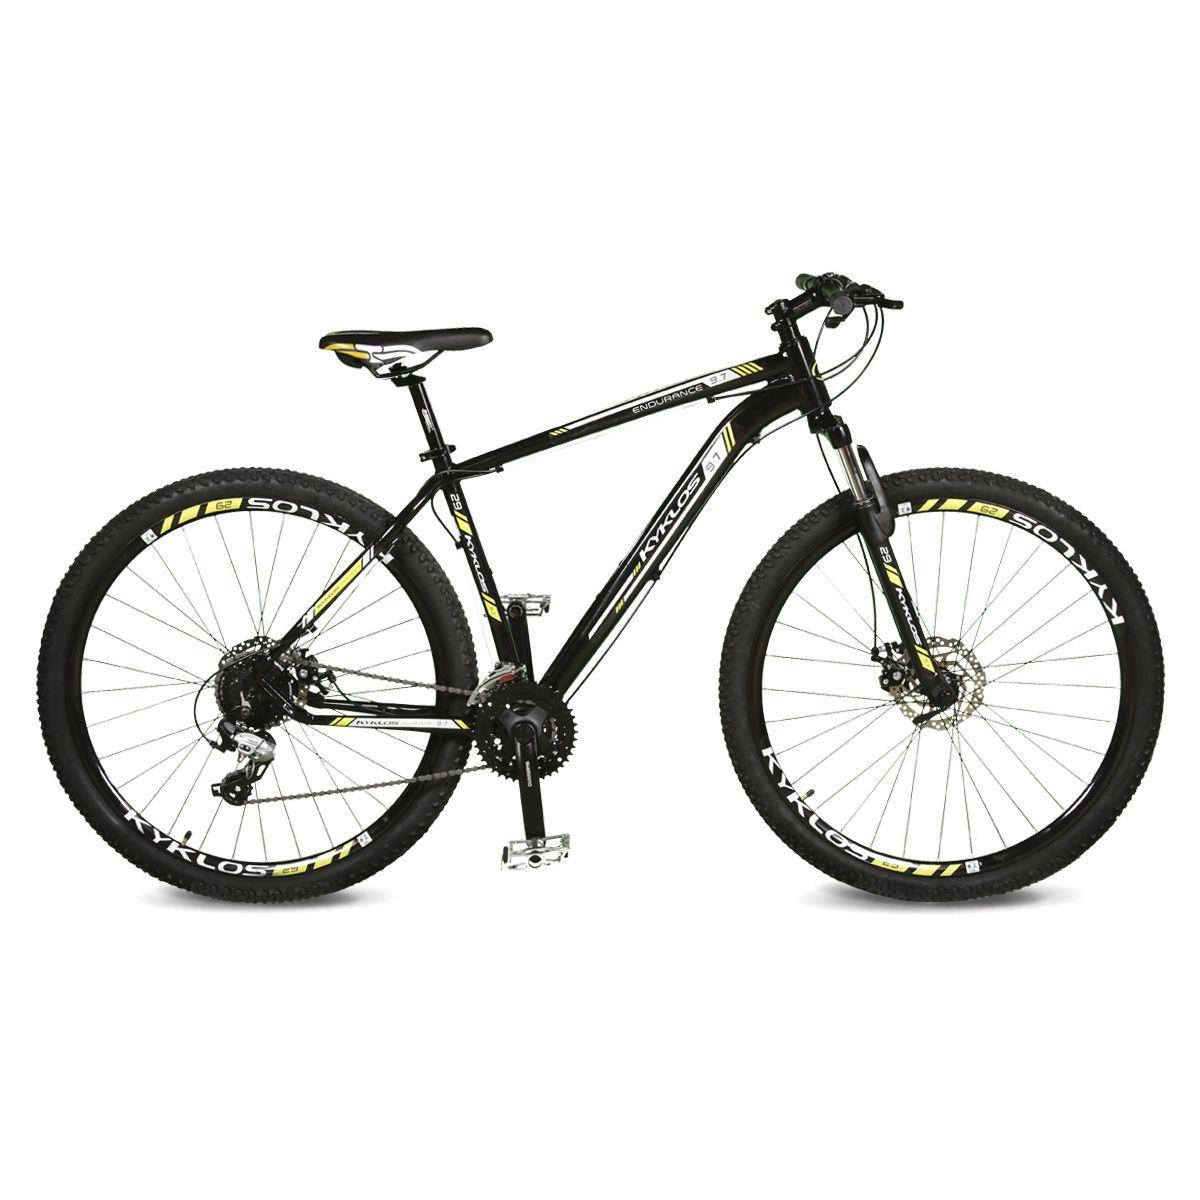 Bicicleta Kyklos Aro 29 Endurance 9.7 24V Freio a Disco com Suspensão A-36 Preto/Amarelo